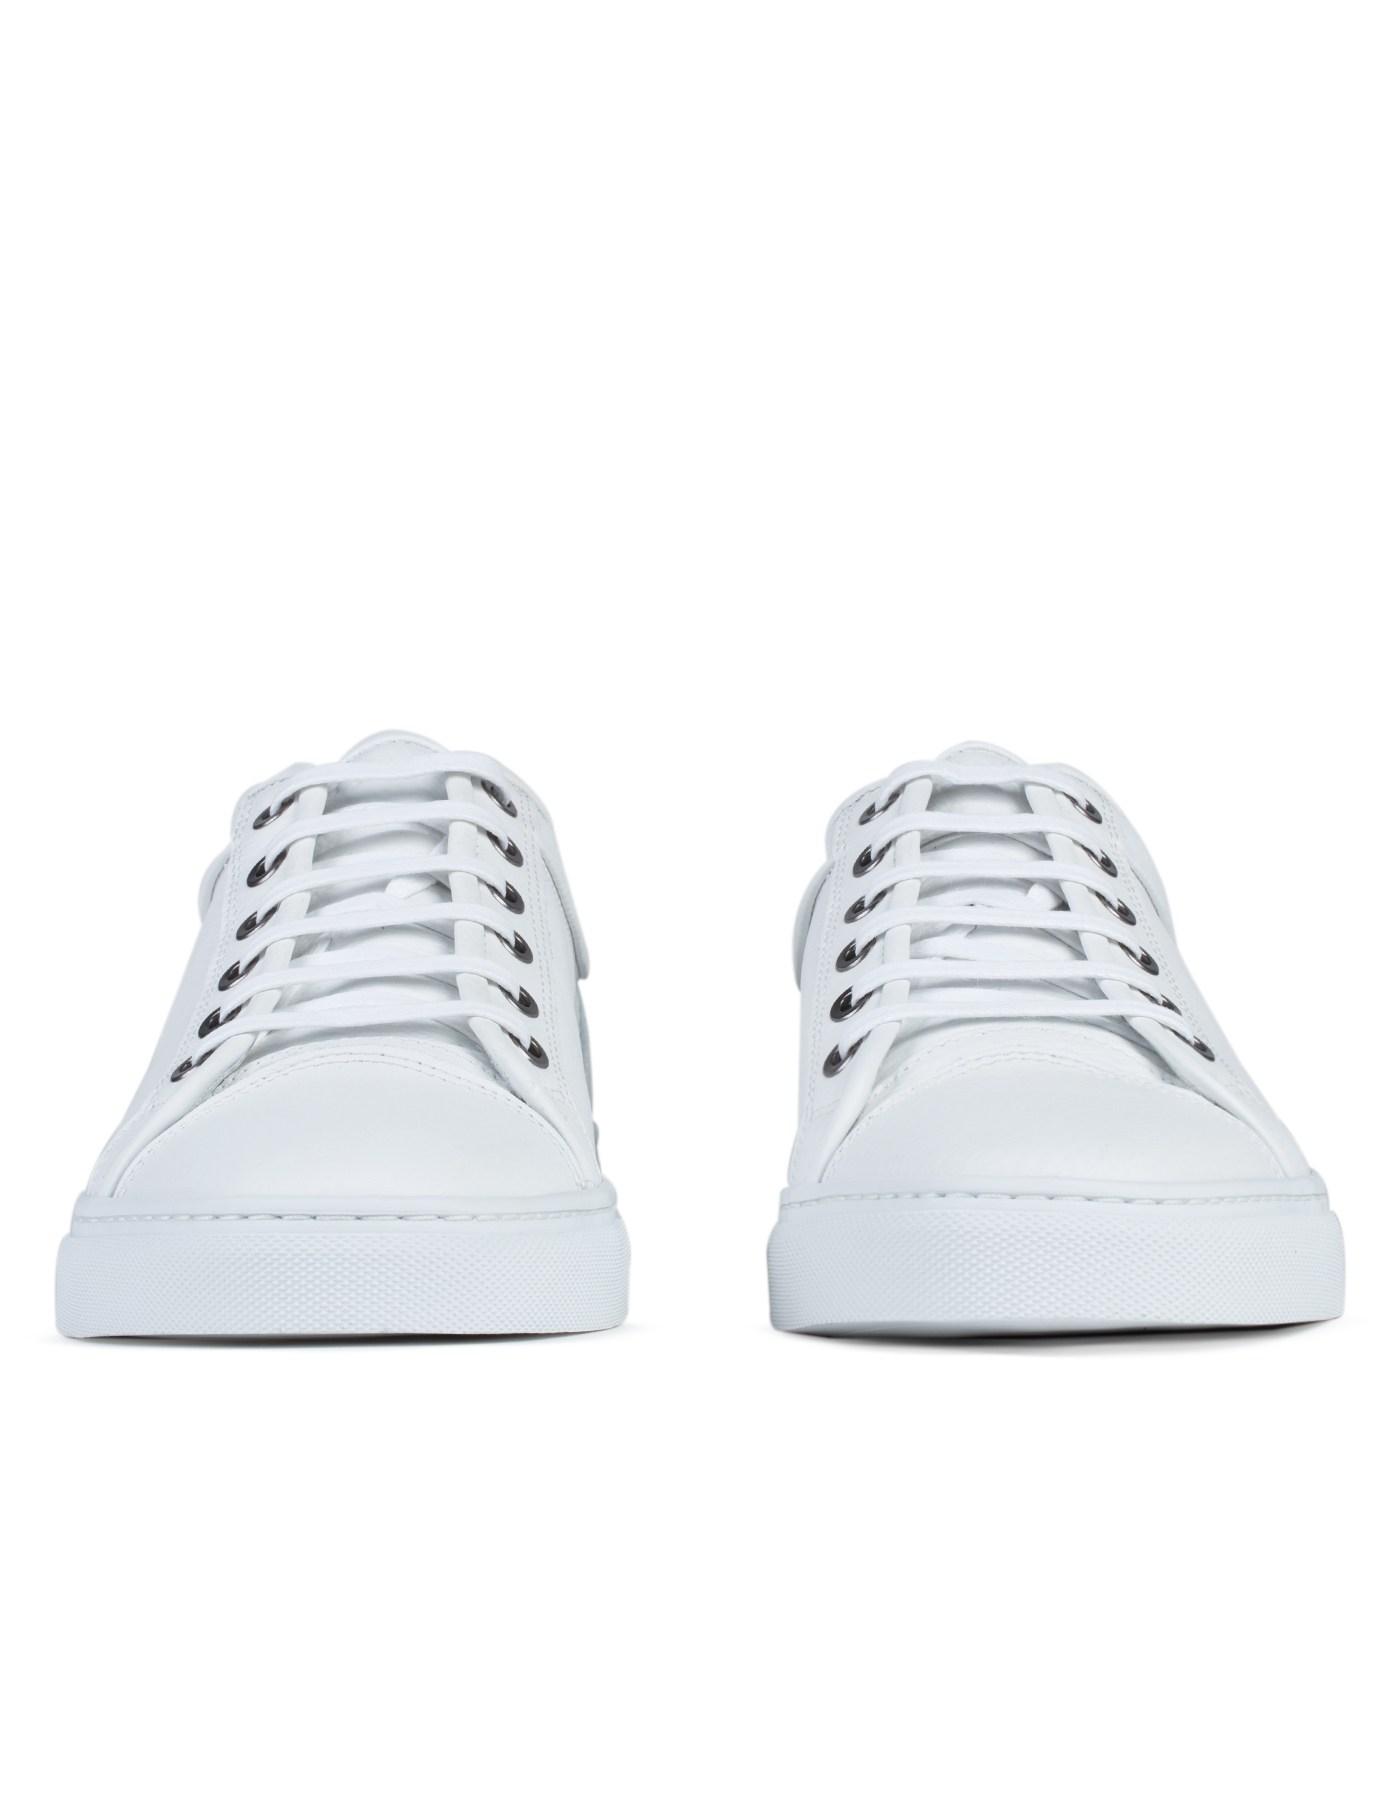 ETQ low white 2.jpg